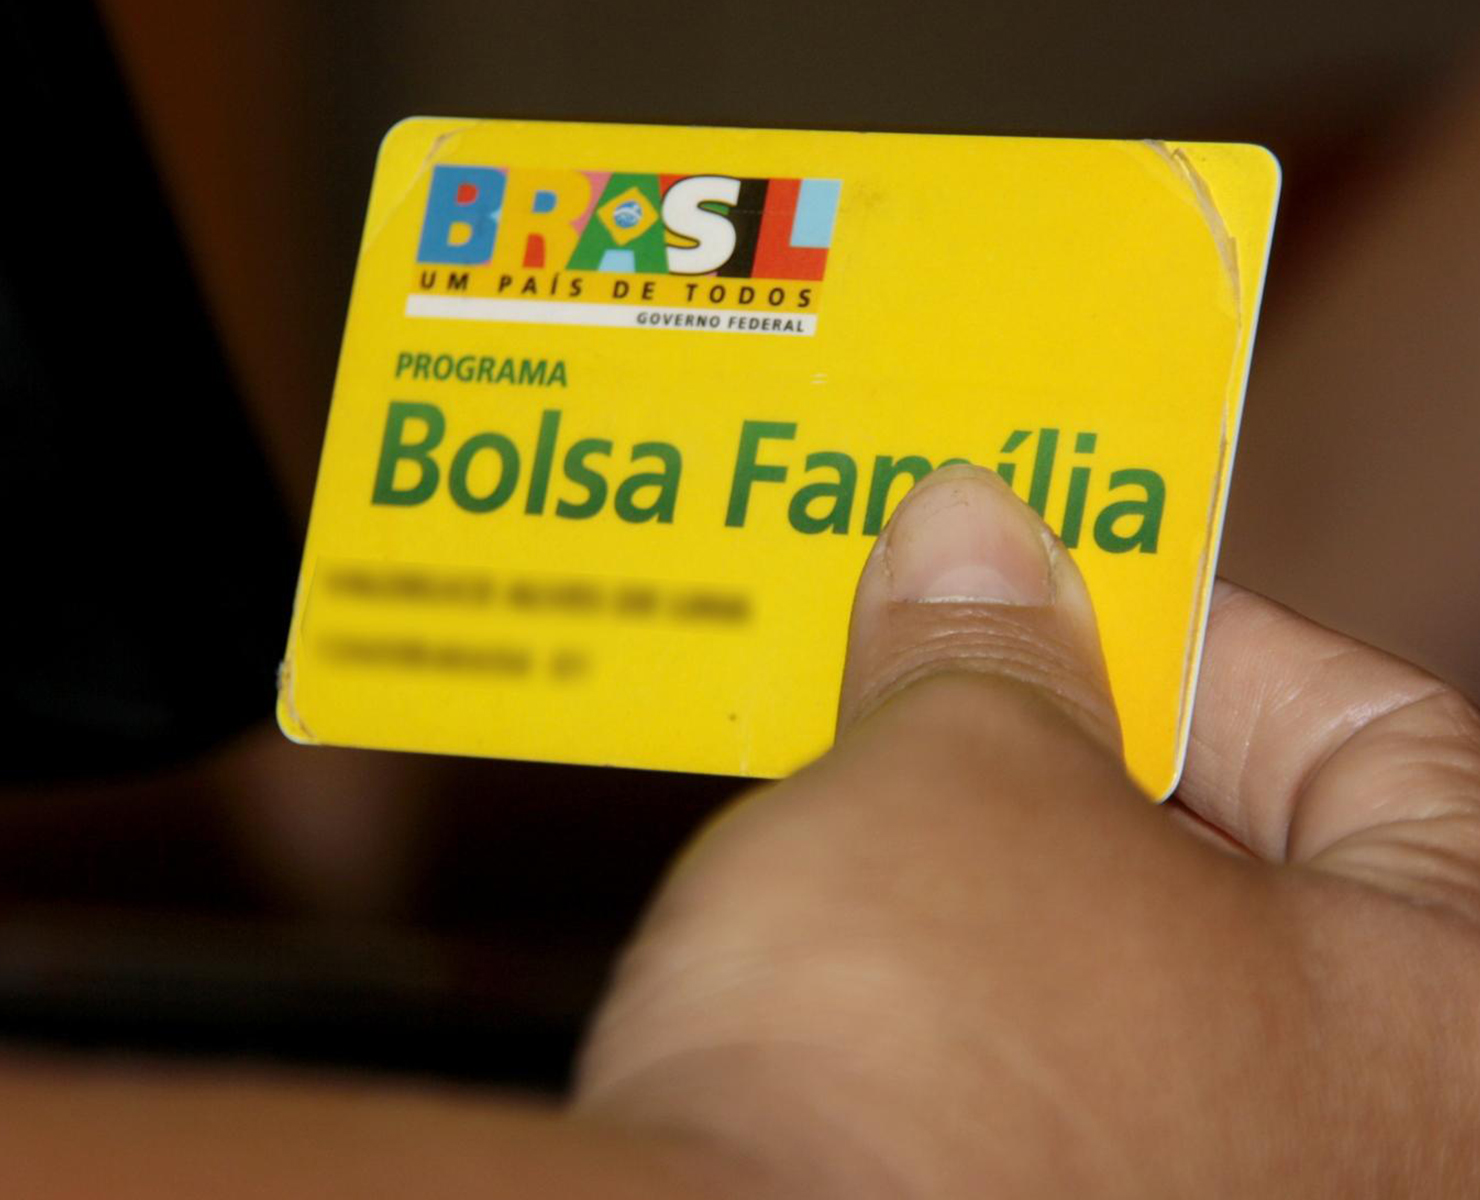 BOLSA FAMÍLIA: 4.600 PESSOAS VÃO TER QUE DEVOLVER BENEFÍCIO